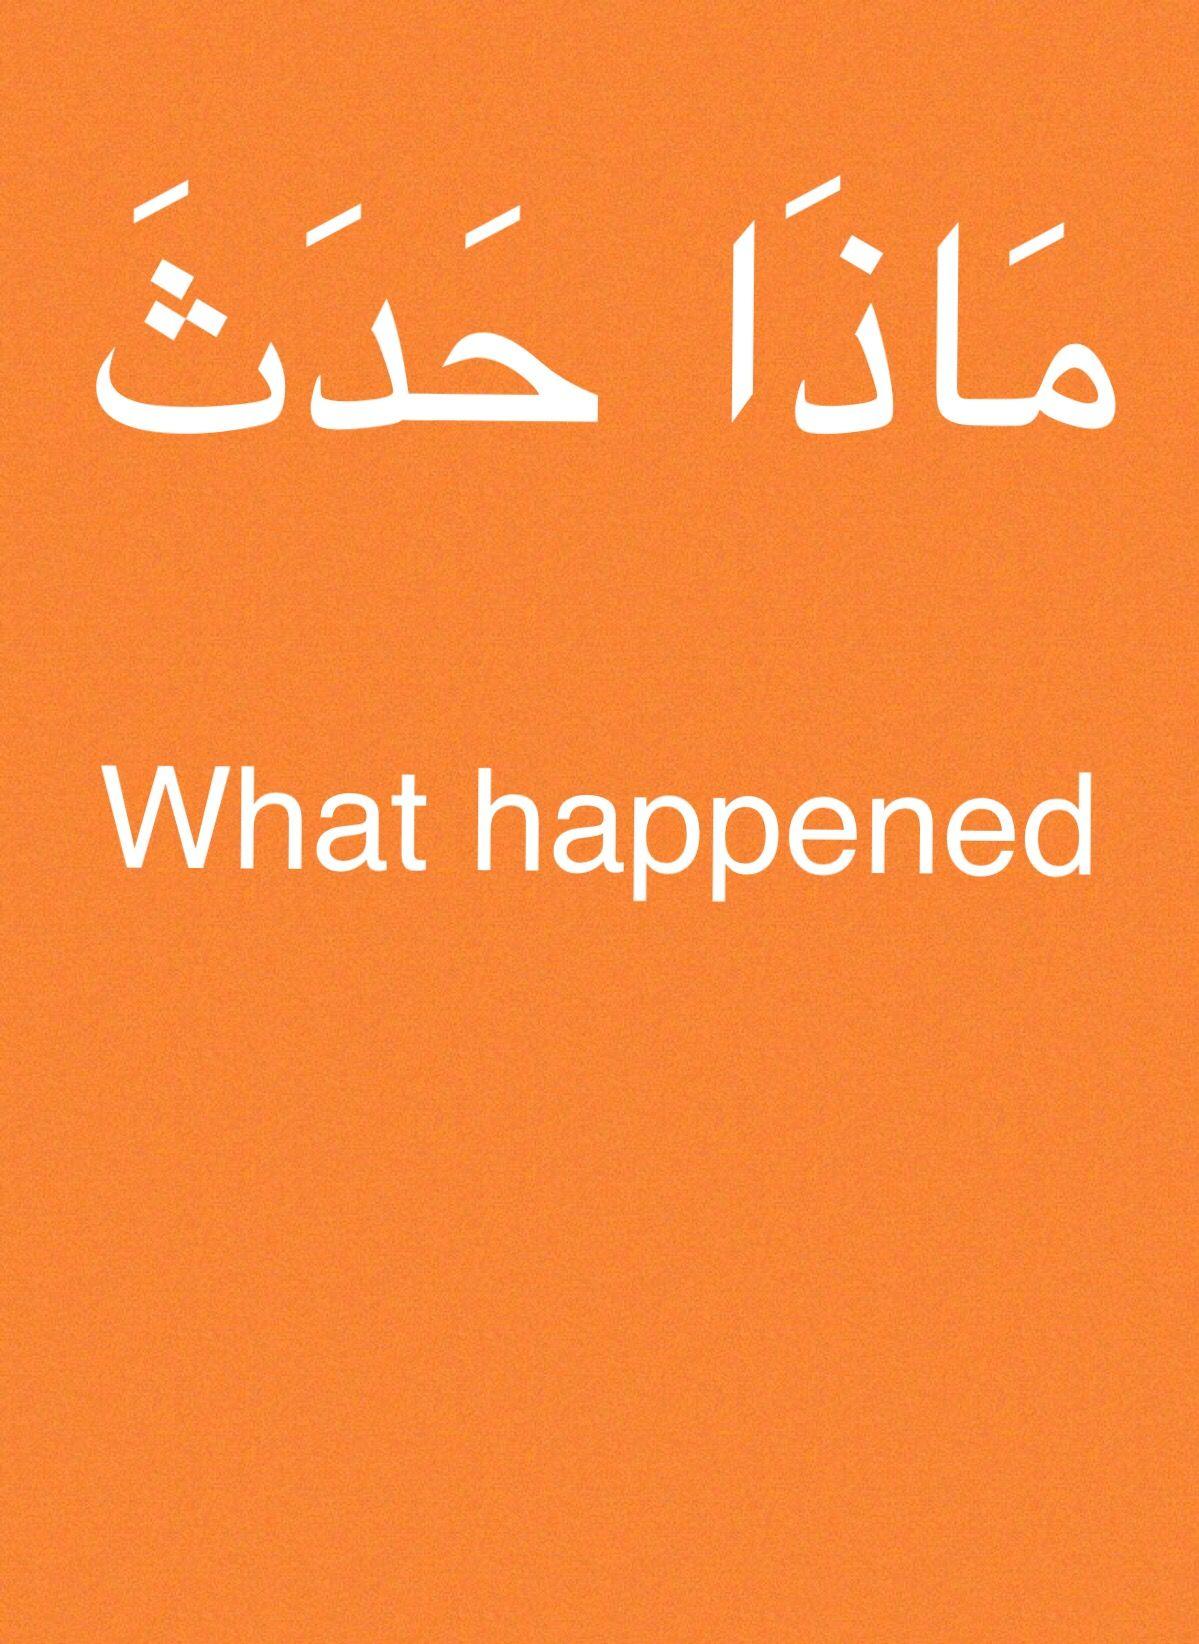 Pin Oleh Soad Mouni Di Ecole Maternelle Belajar Bahasa Bahasa Arab